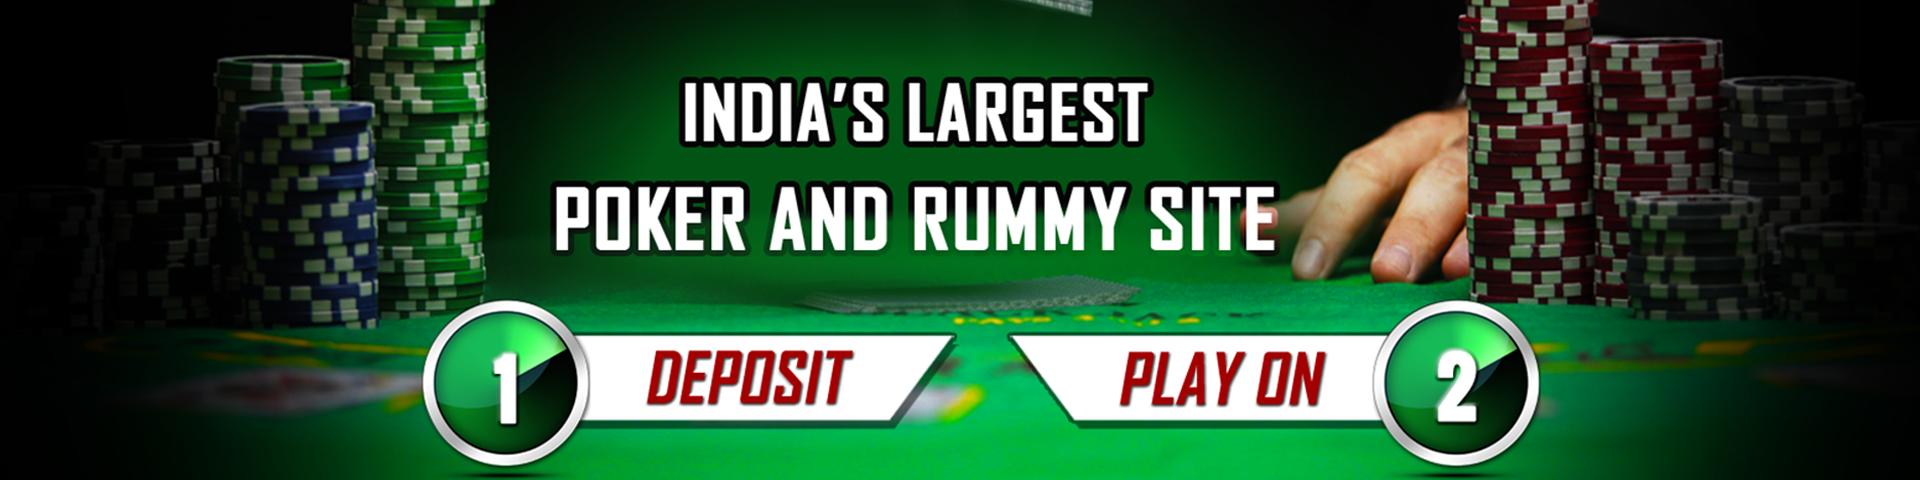 Poker Online Games at Bunga365.com